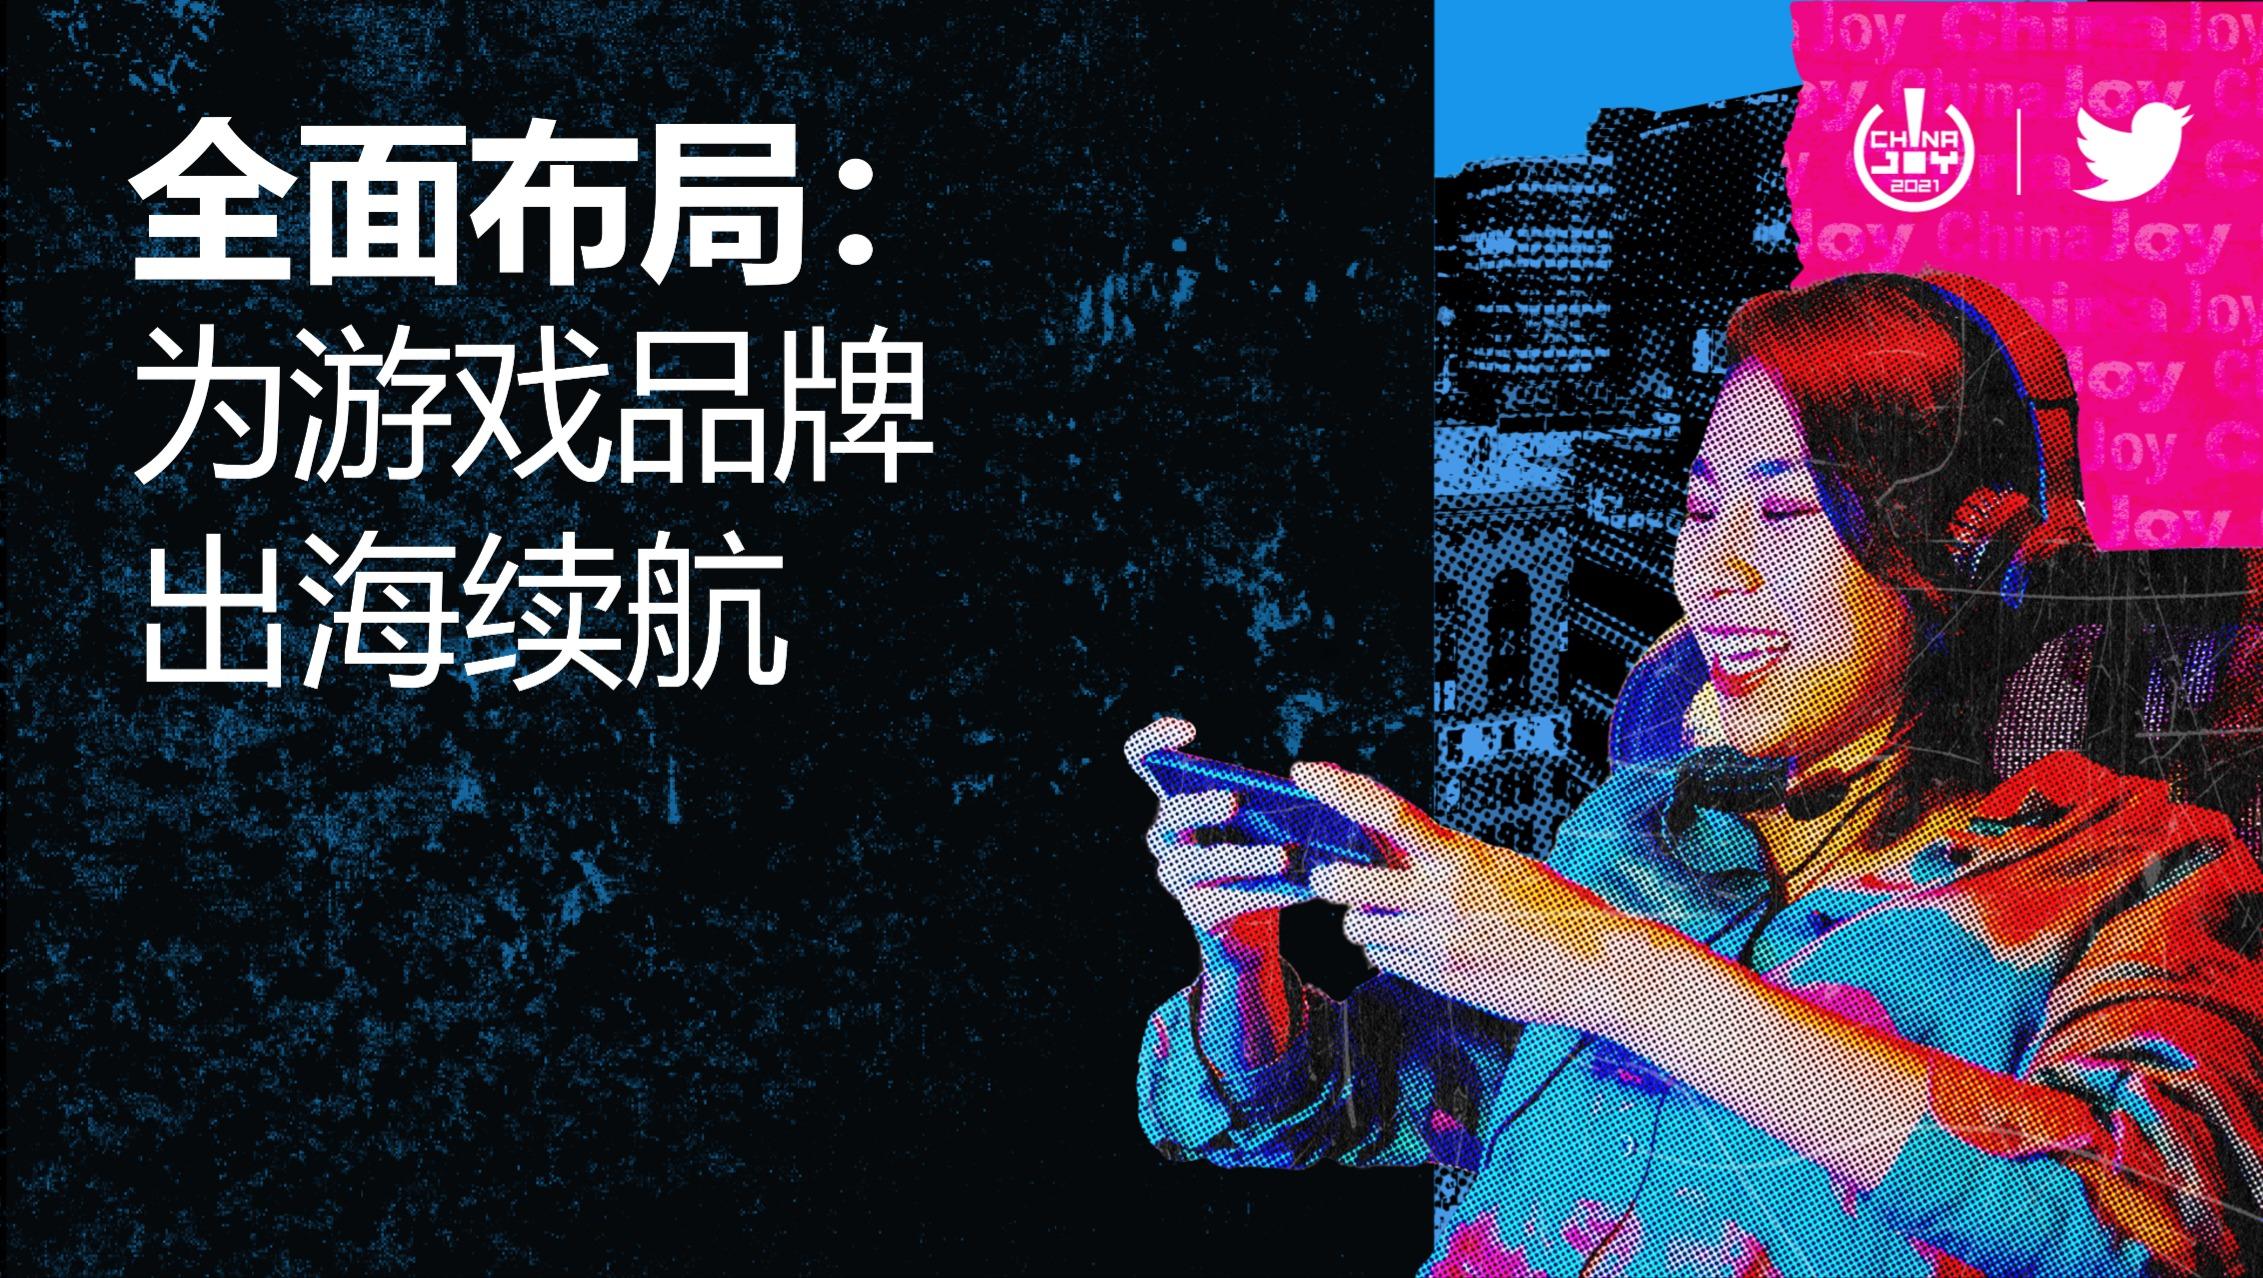 聚焦出海!7月28日,祖龙、莉莉丝游戏、网易...将出席这场直播大会